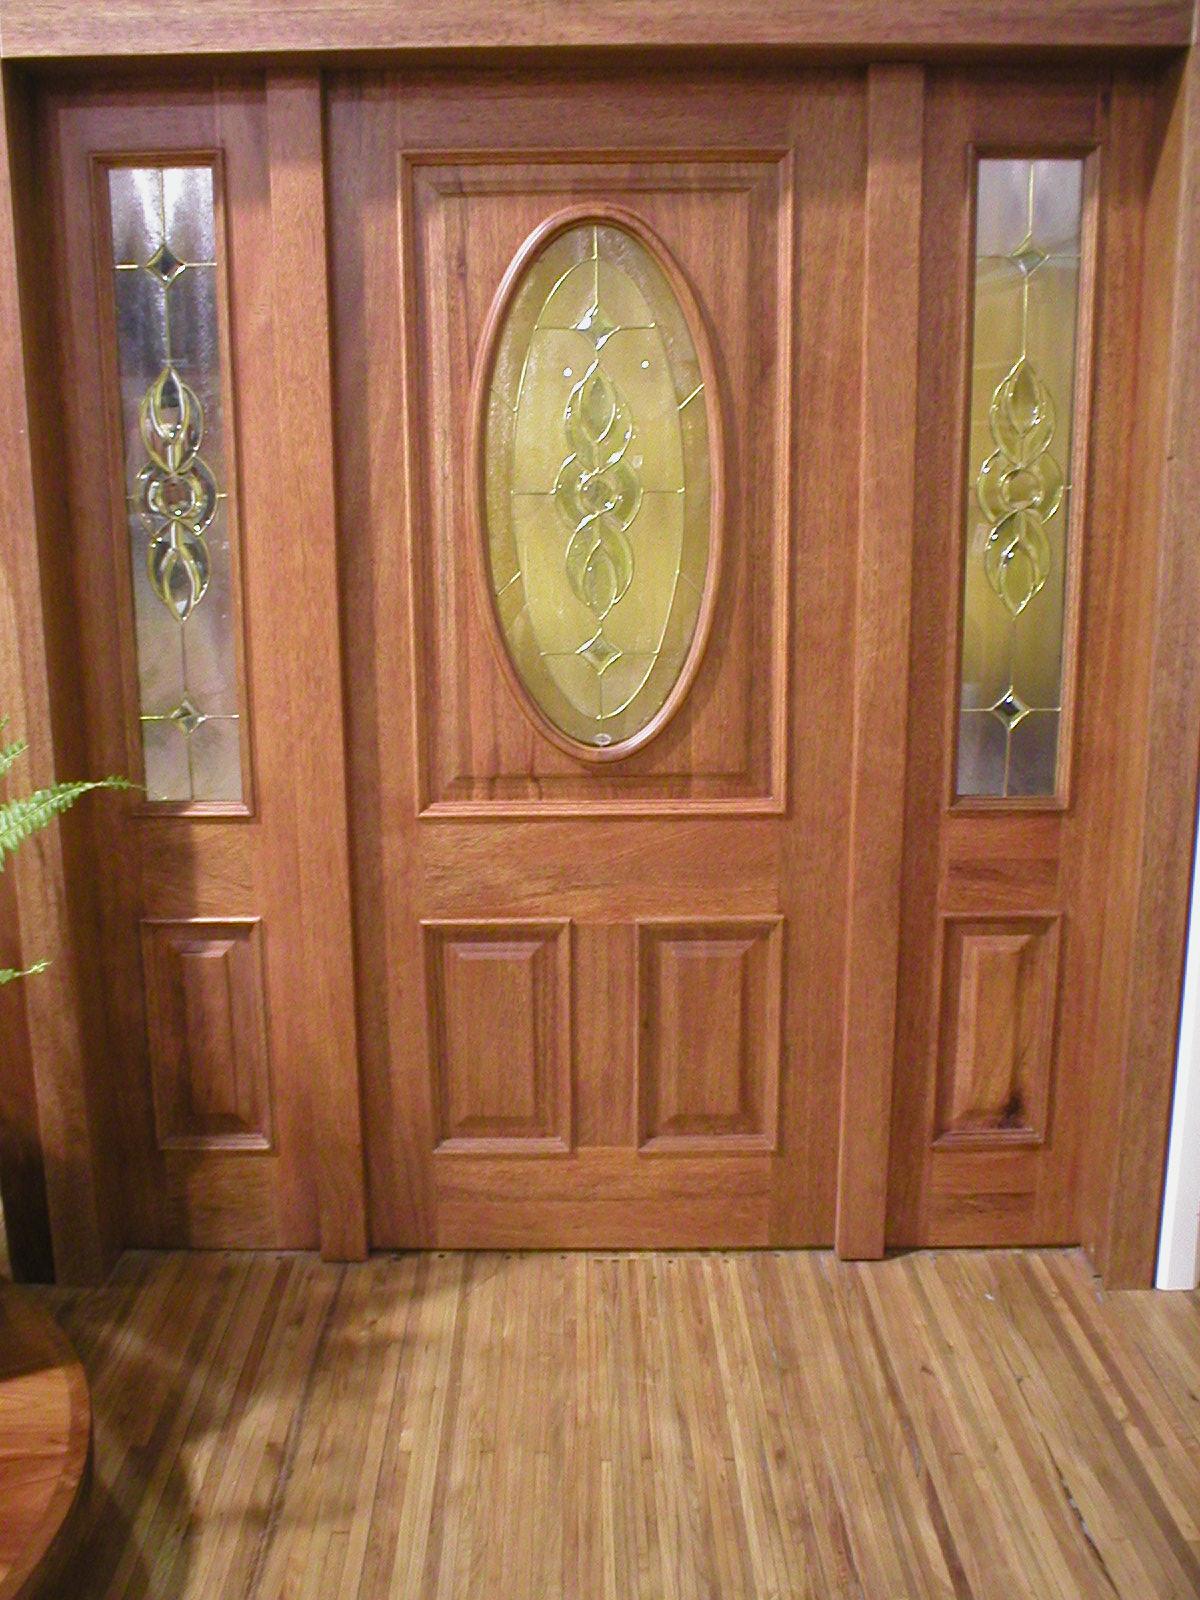 Consertec puertas for Puertas con vidrieras decorativas